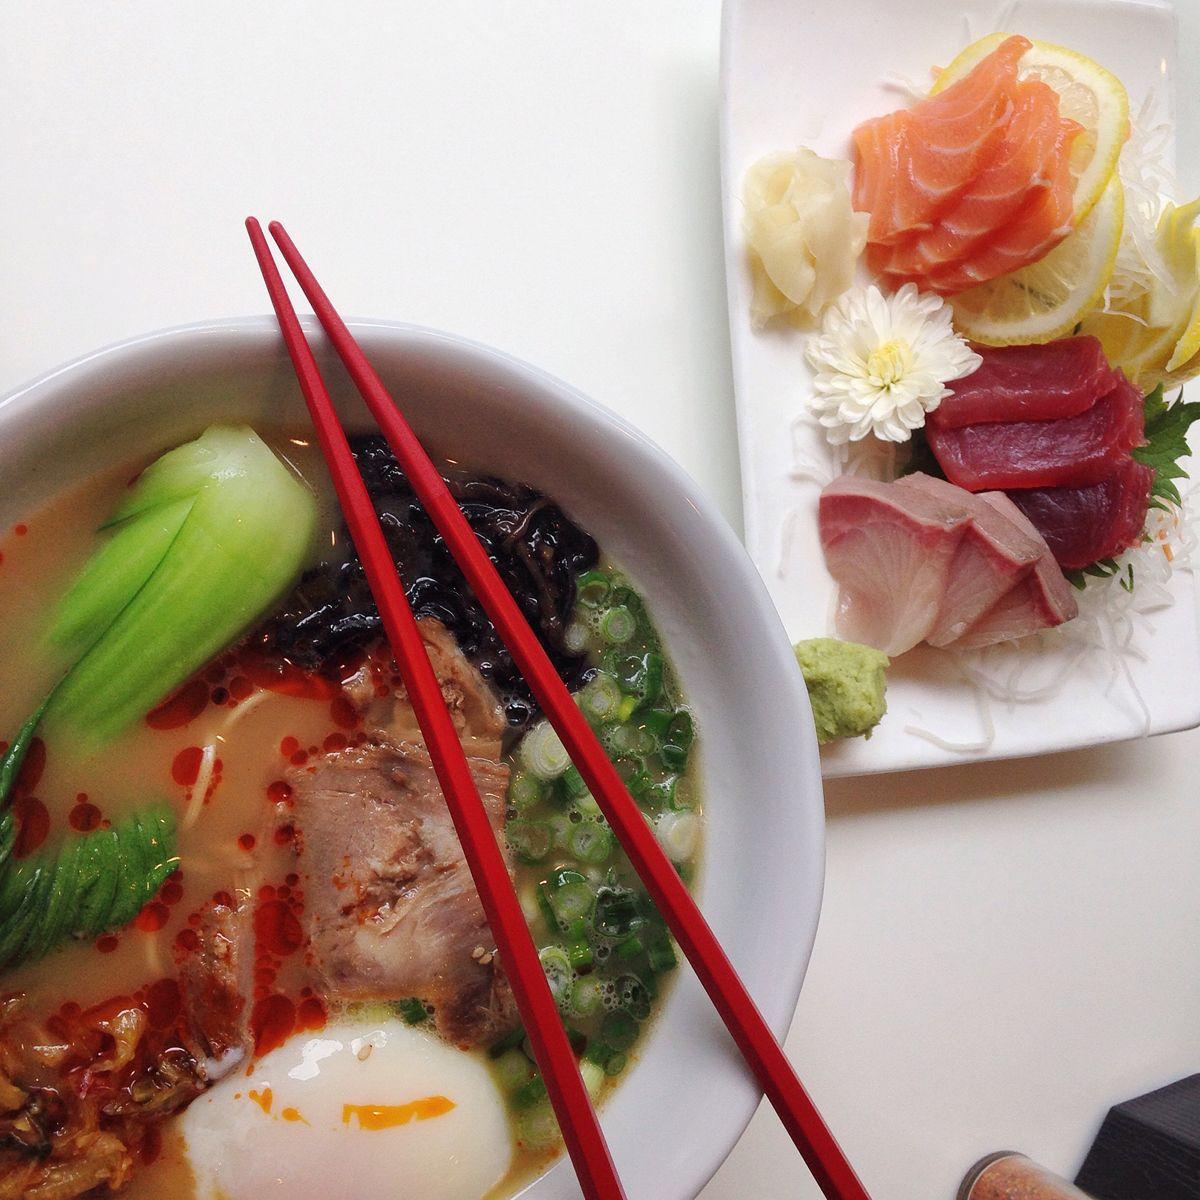 Ricetta Ramen Pesce.Ricetta Ramen Di Pesce Come Si Prepara Il Piatto Tipico Della Cucina Giapponese